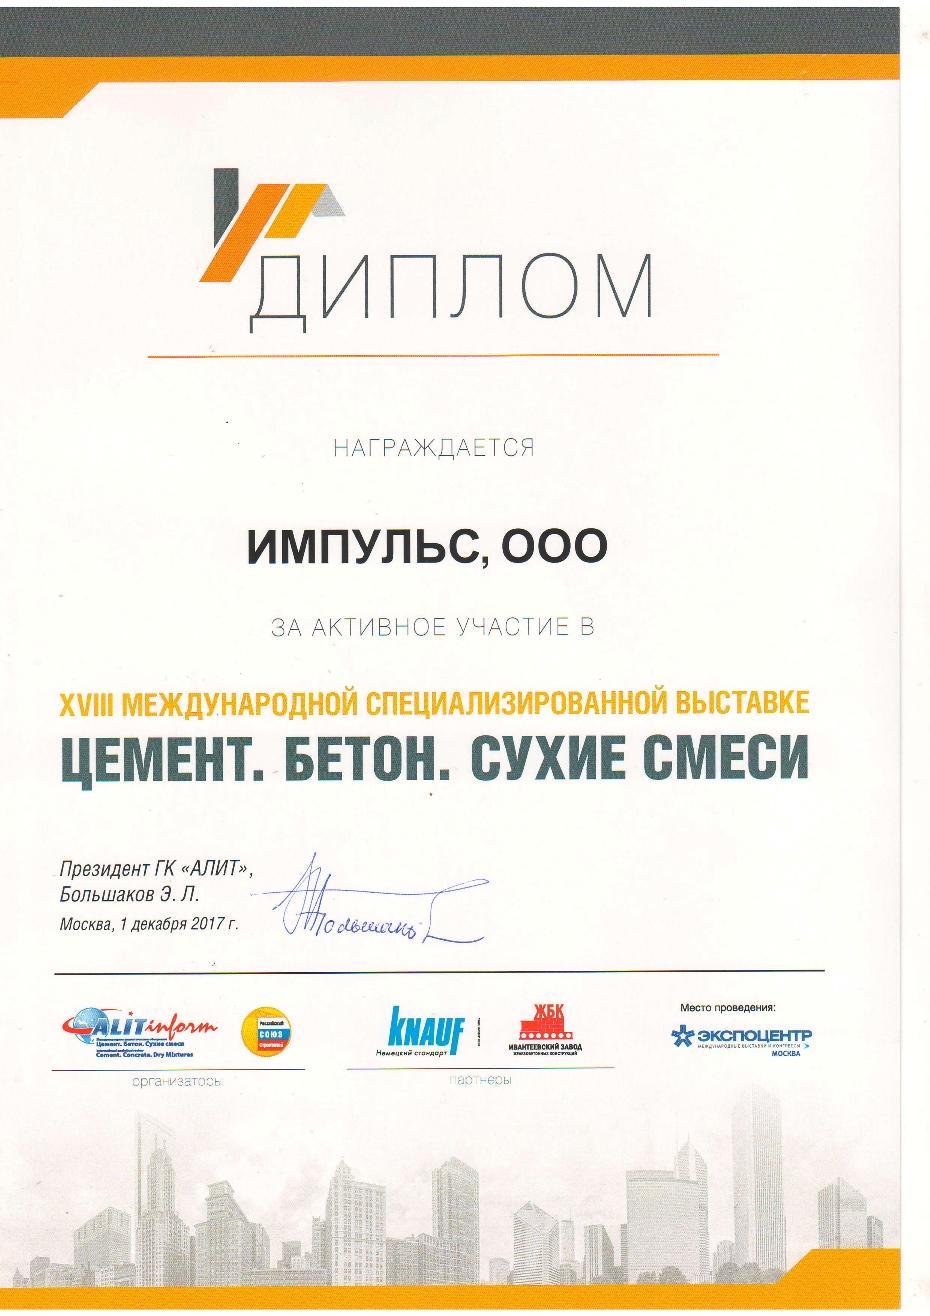 Диплом выставка Цемент Бетон Сухие смеси